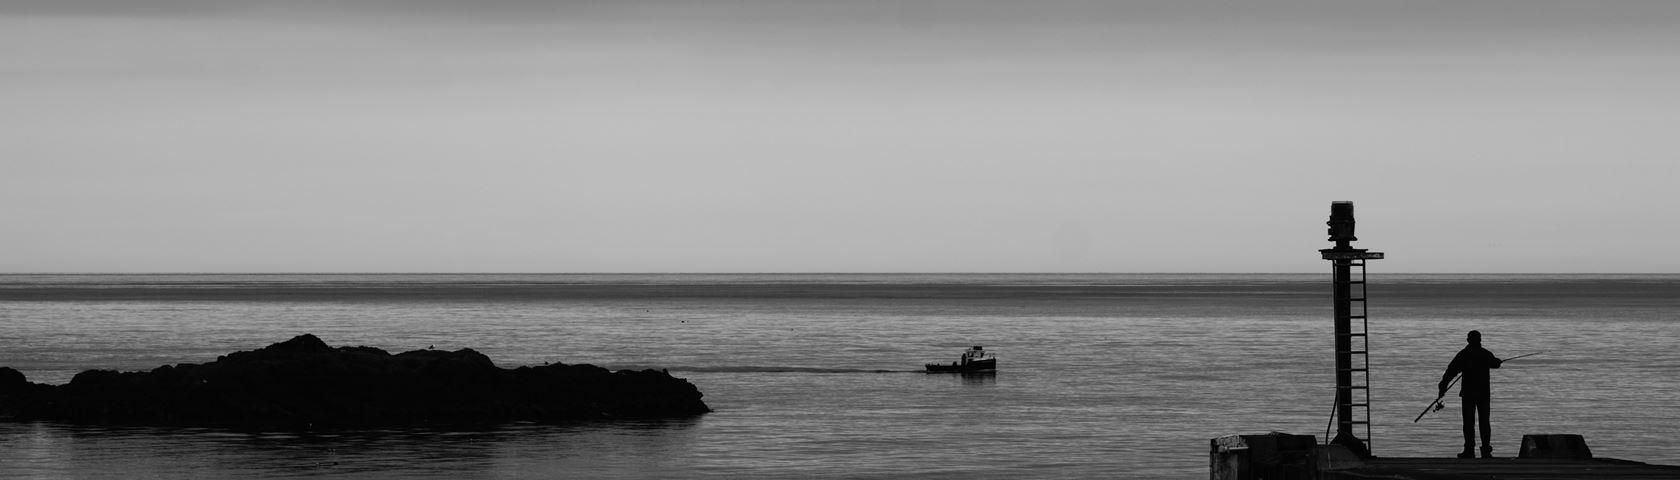 Fishing at Eyemouth